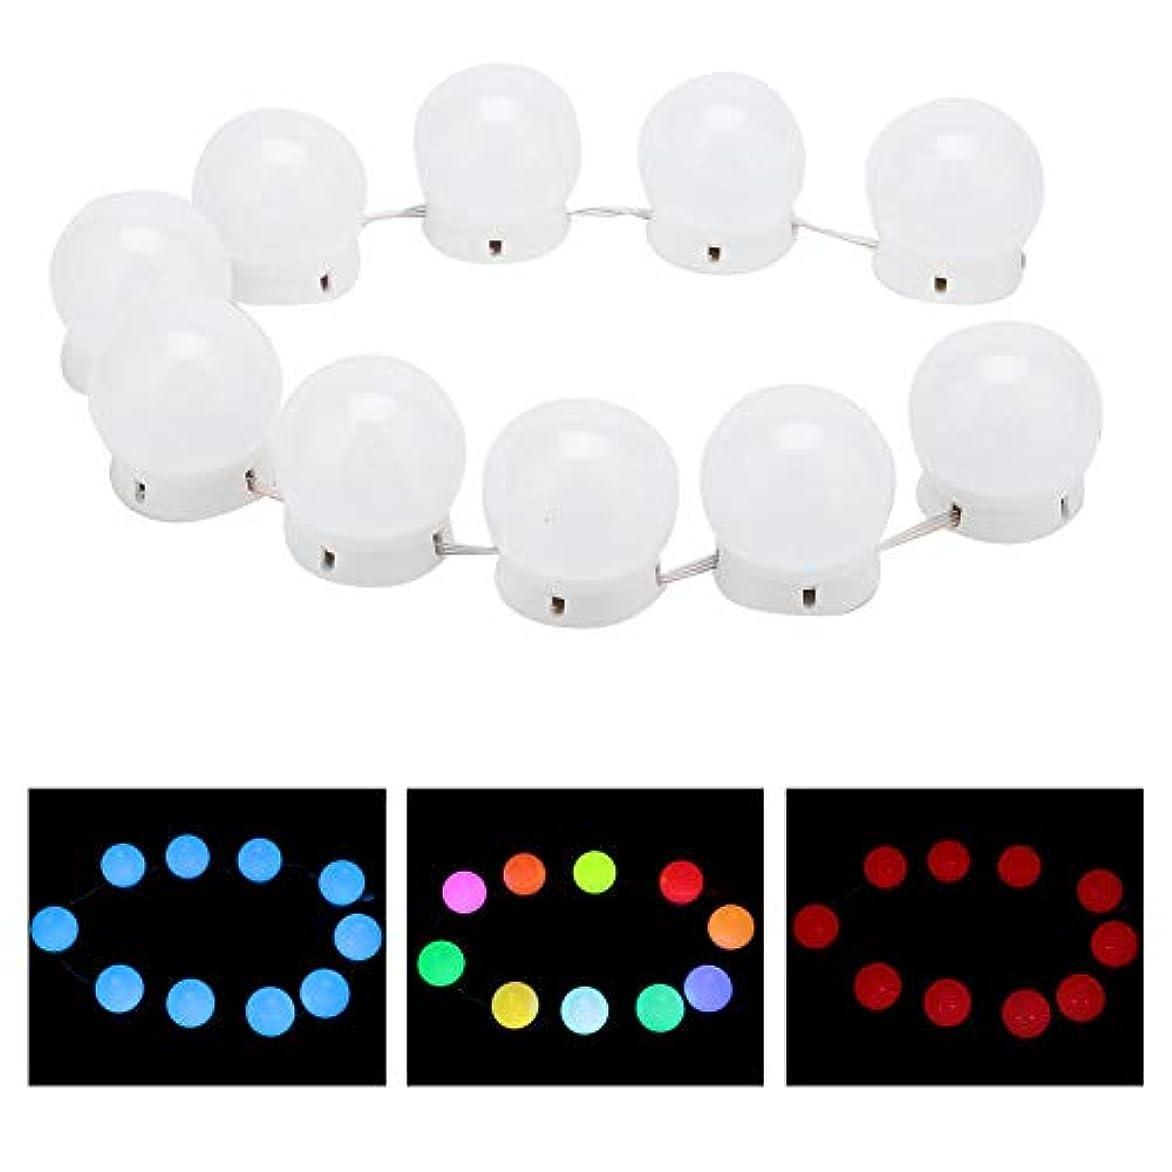 感じる入射スティック化粧鏡ラ??イトキット 10 LED付き調 光ライトストリング電球バニティライト化粧鏡に最適 バスルームの照明